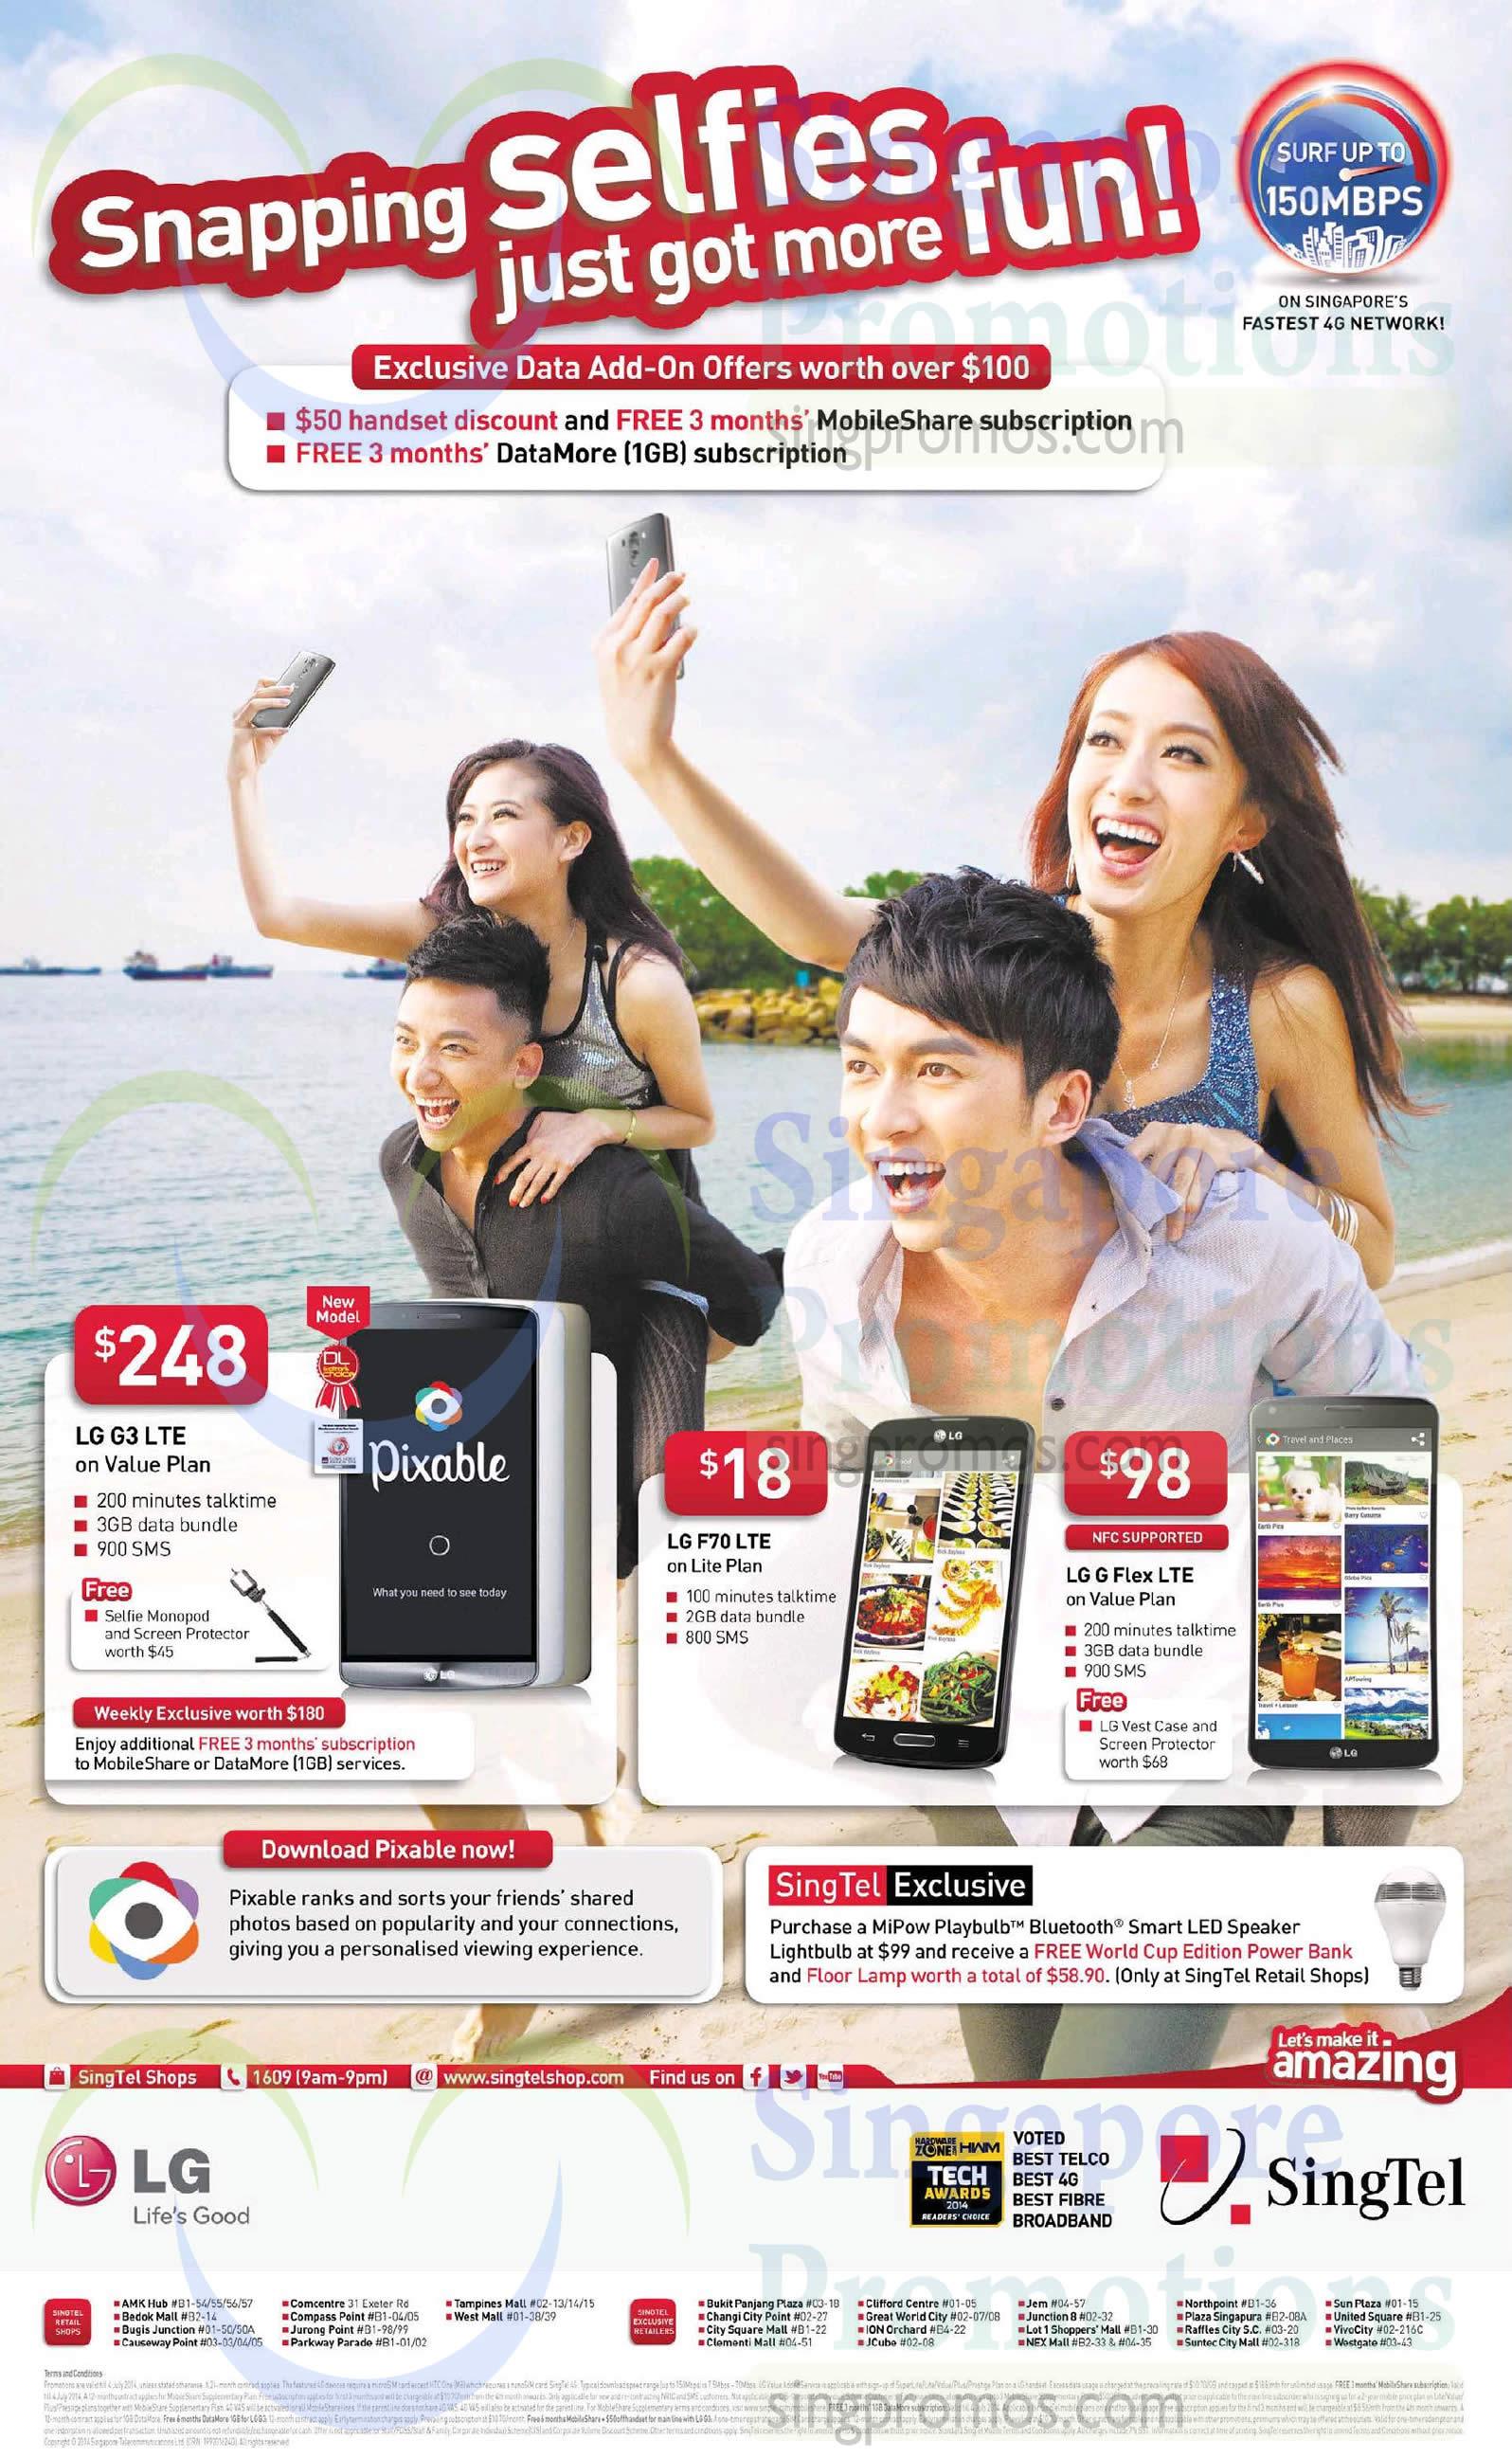 LG G3, LG F70, LG G Flex